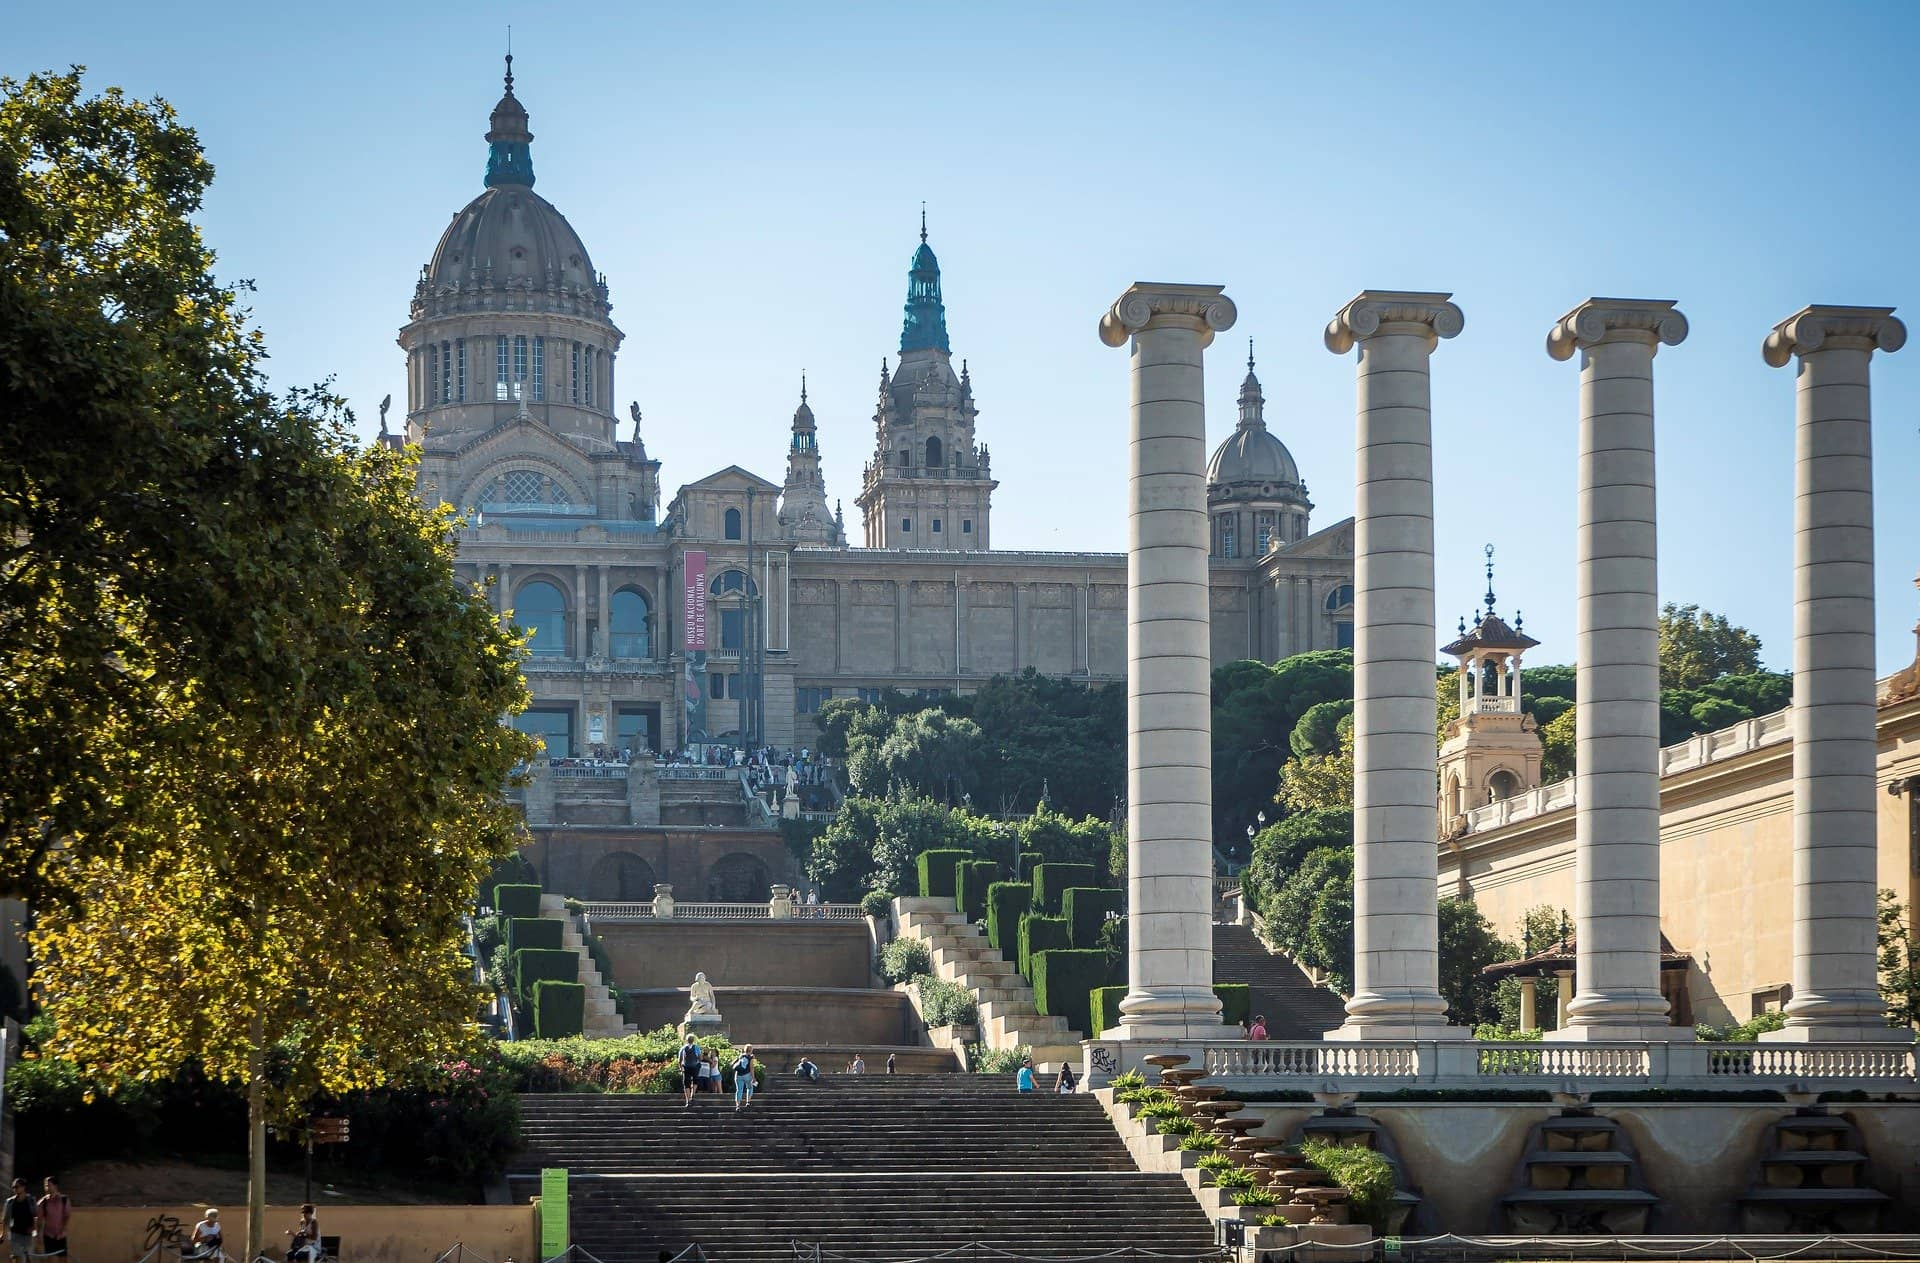 national-museum-of-art-of-catalunya-4917179_1920 (1)